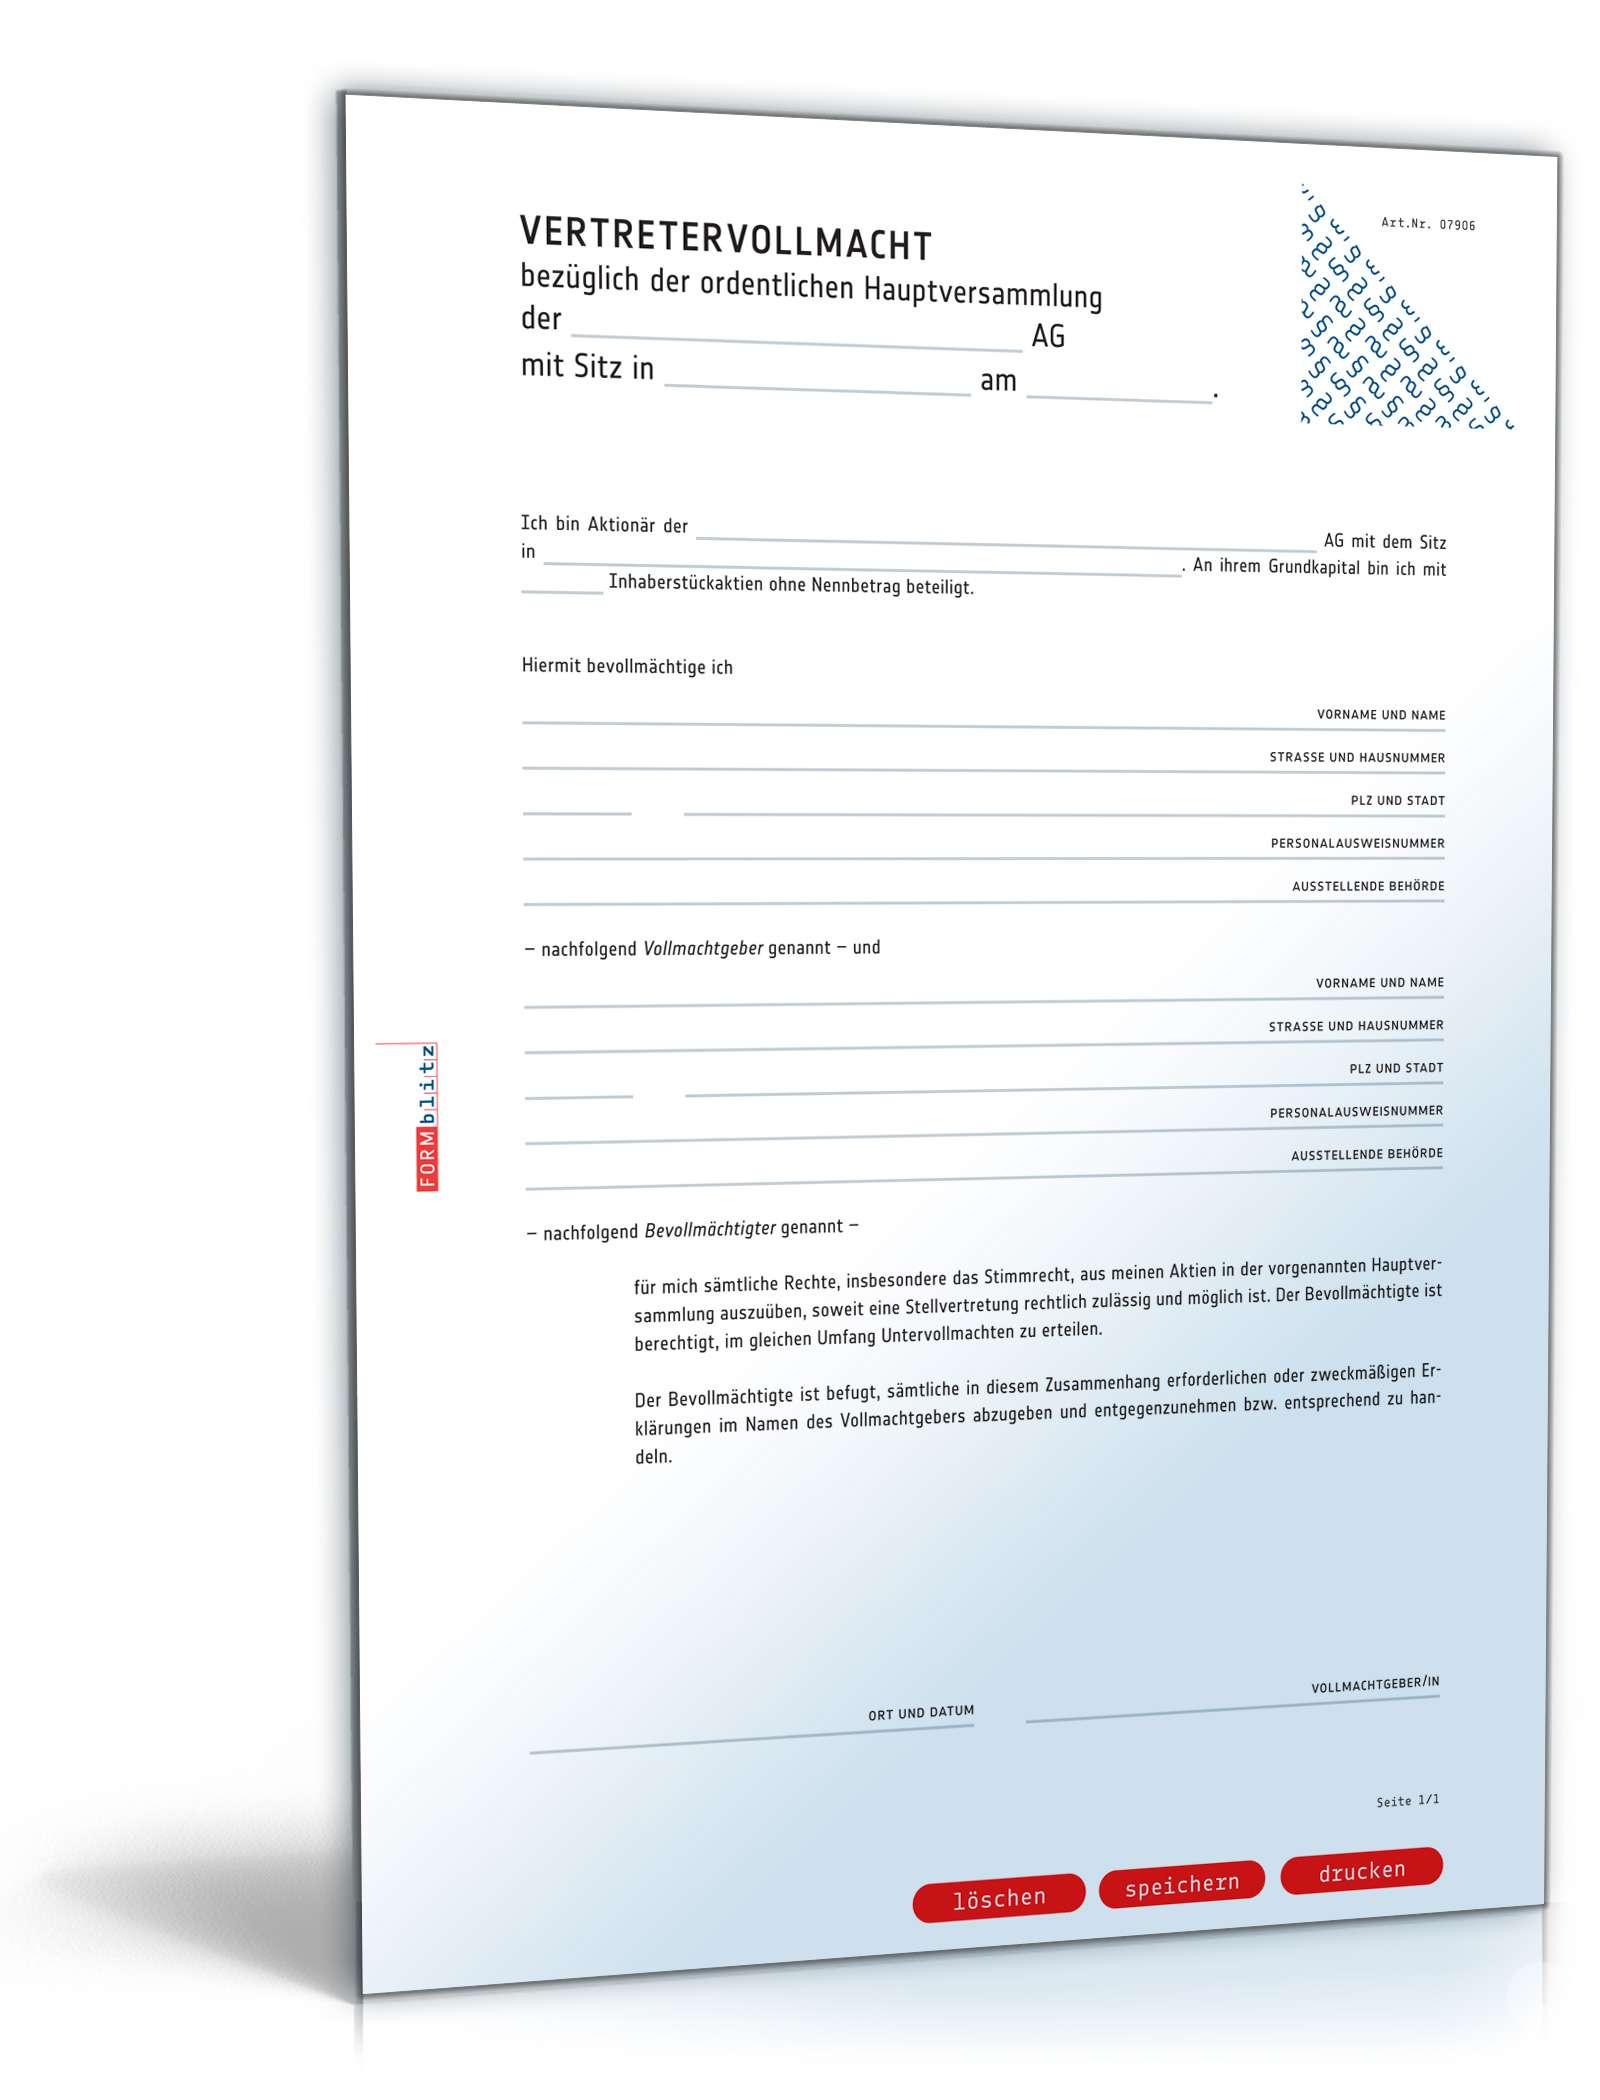 Vollmacht Vertretung Hauptversammlung Muster Zum Download